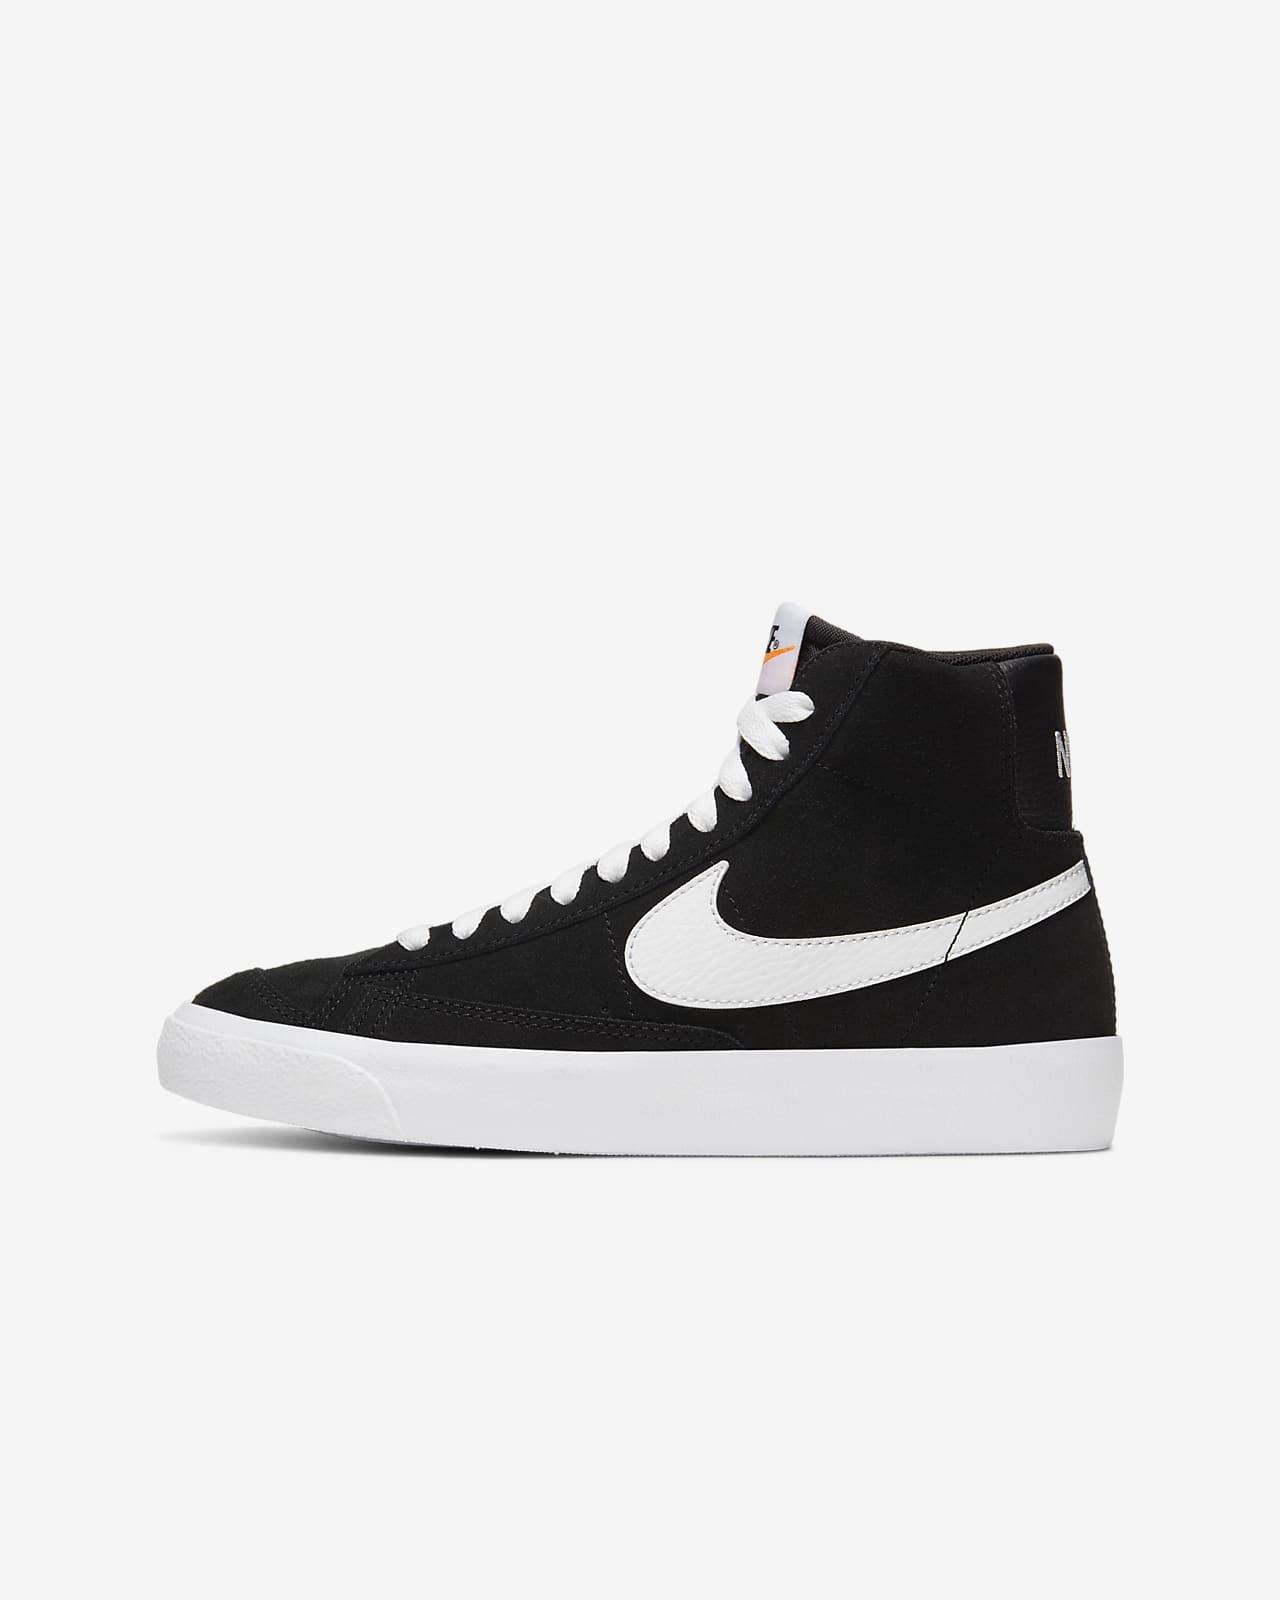 Nike Blazer Mid '77 Suede Zapatillas - Niño/a